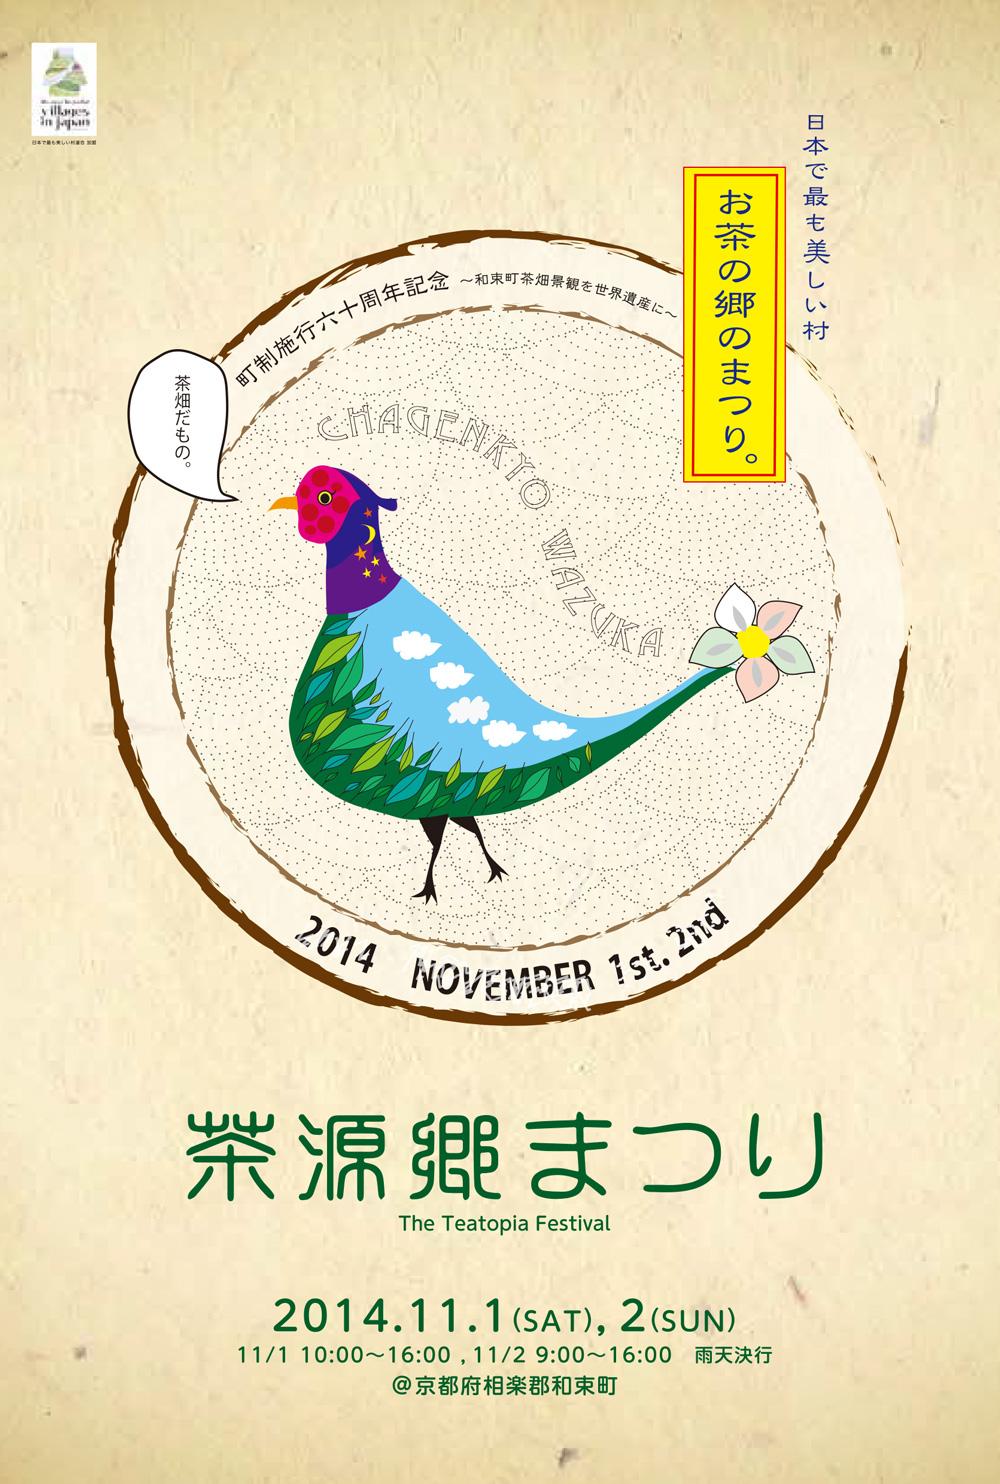 (日本語) 公式パンフレットが完成しました!